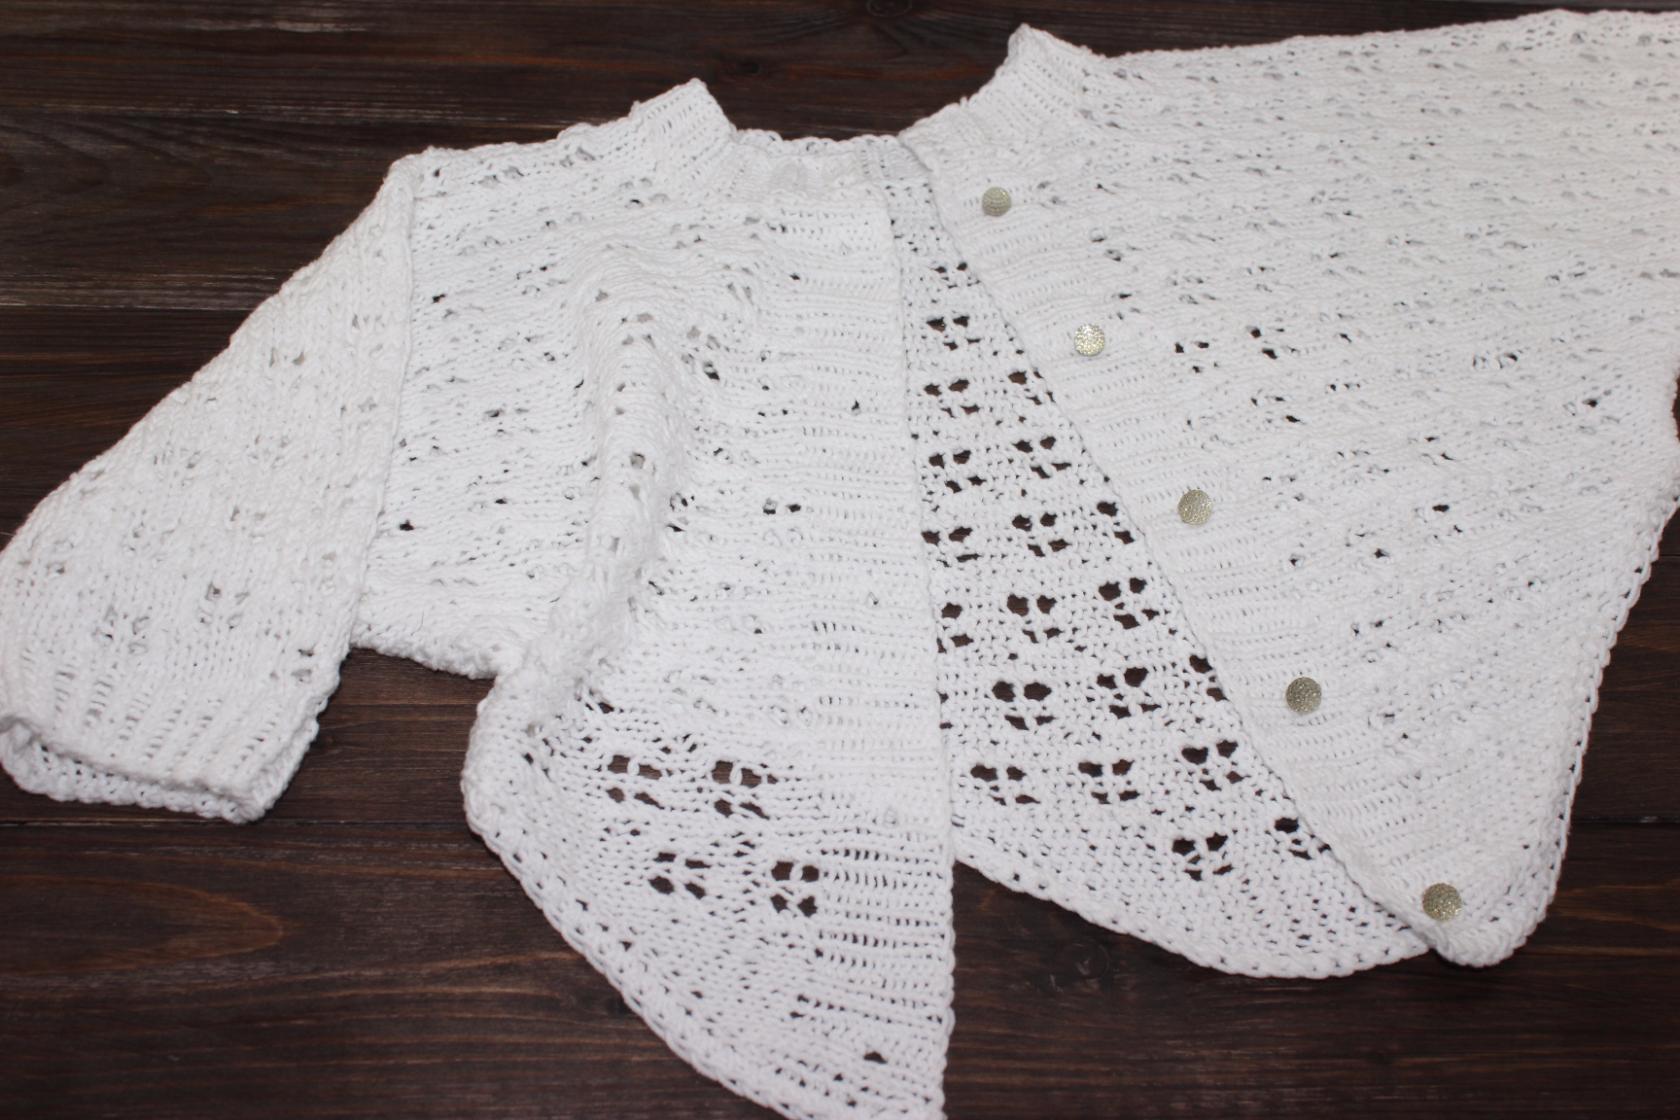 ажурная кофта для девочки вязаная спицами оригинальный фасон